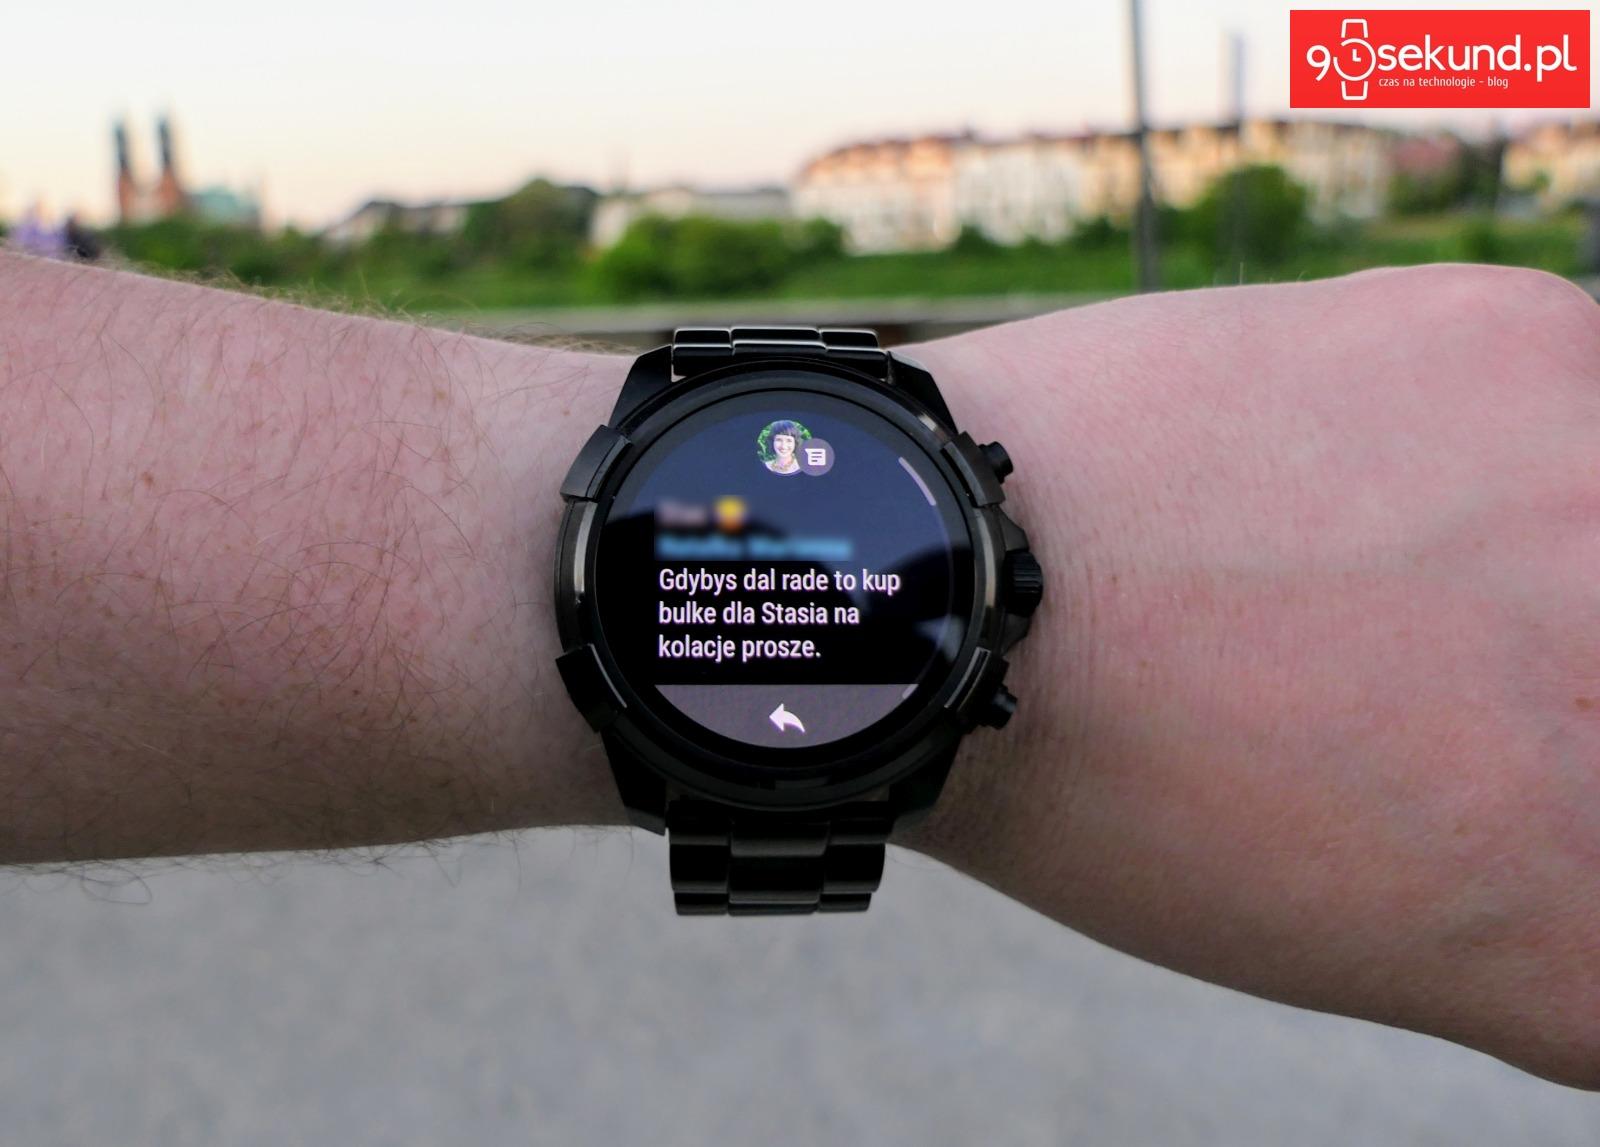 Odczyt wiadomości na smartwatchu Diesel On Full Guard 2.0 w Google Fit - Michał Brożyński 90sekund.pl